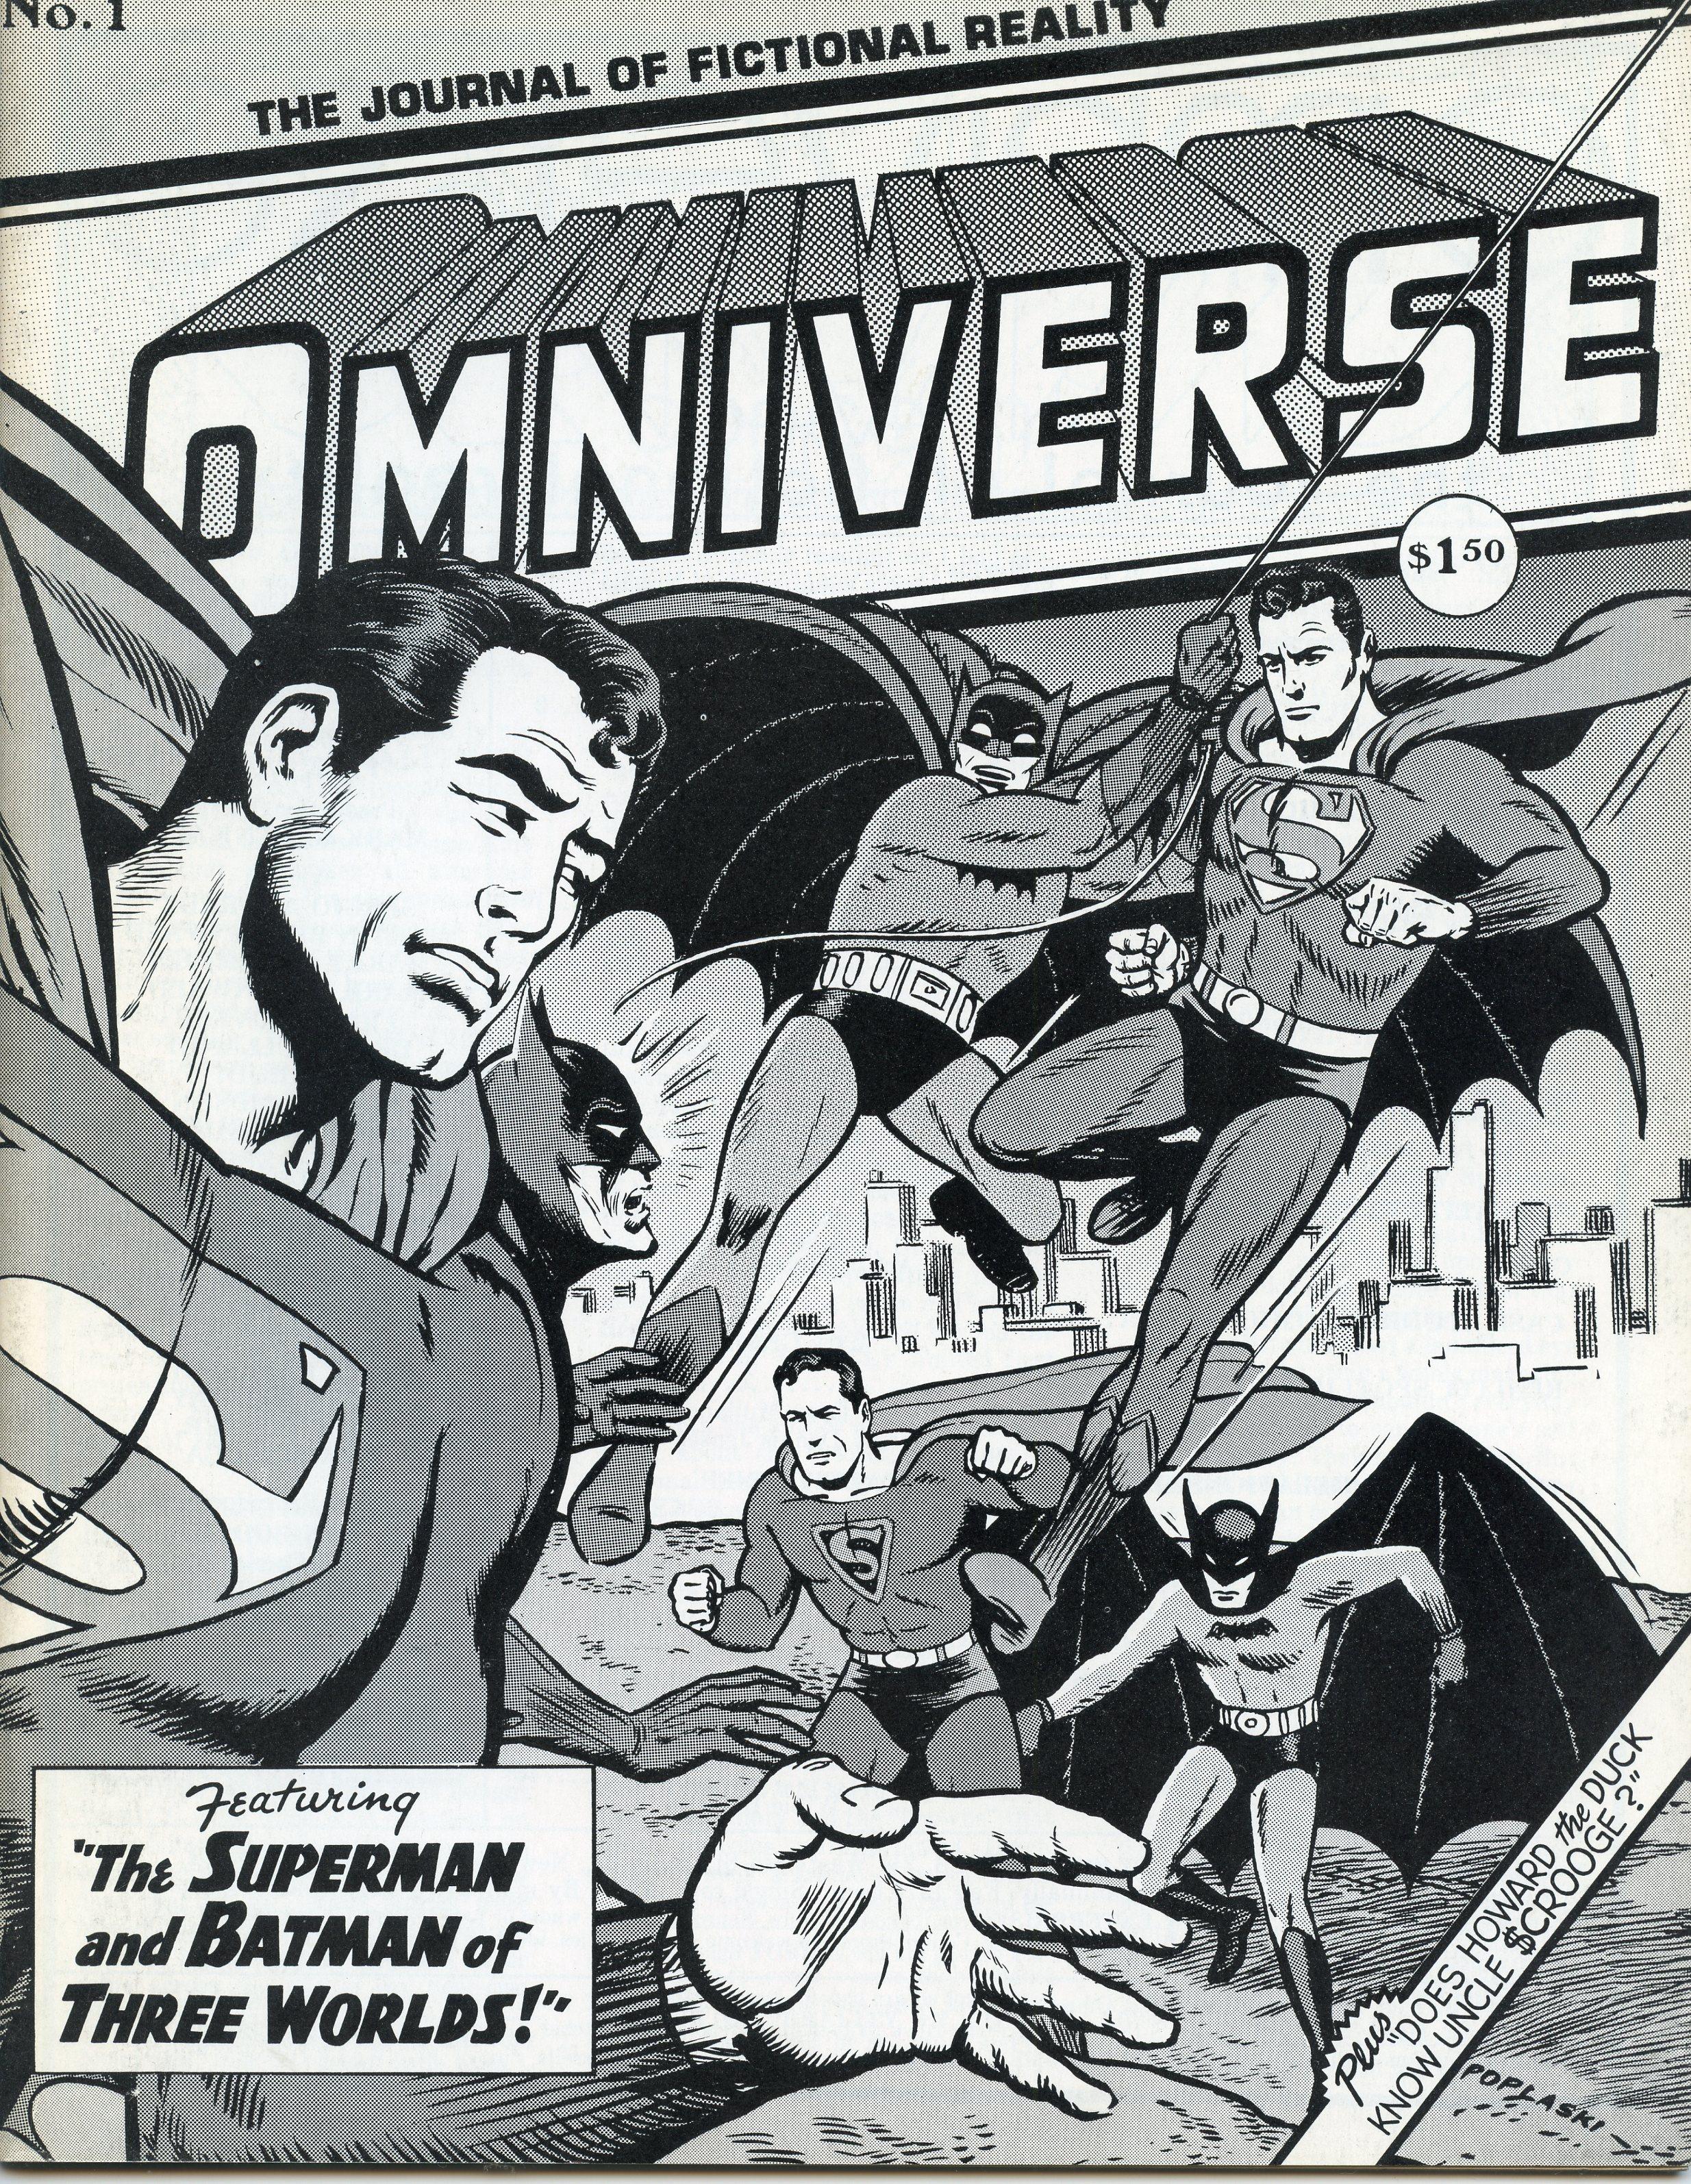 Omniverse 1 cov001